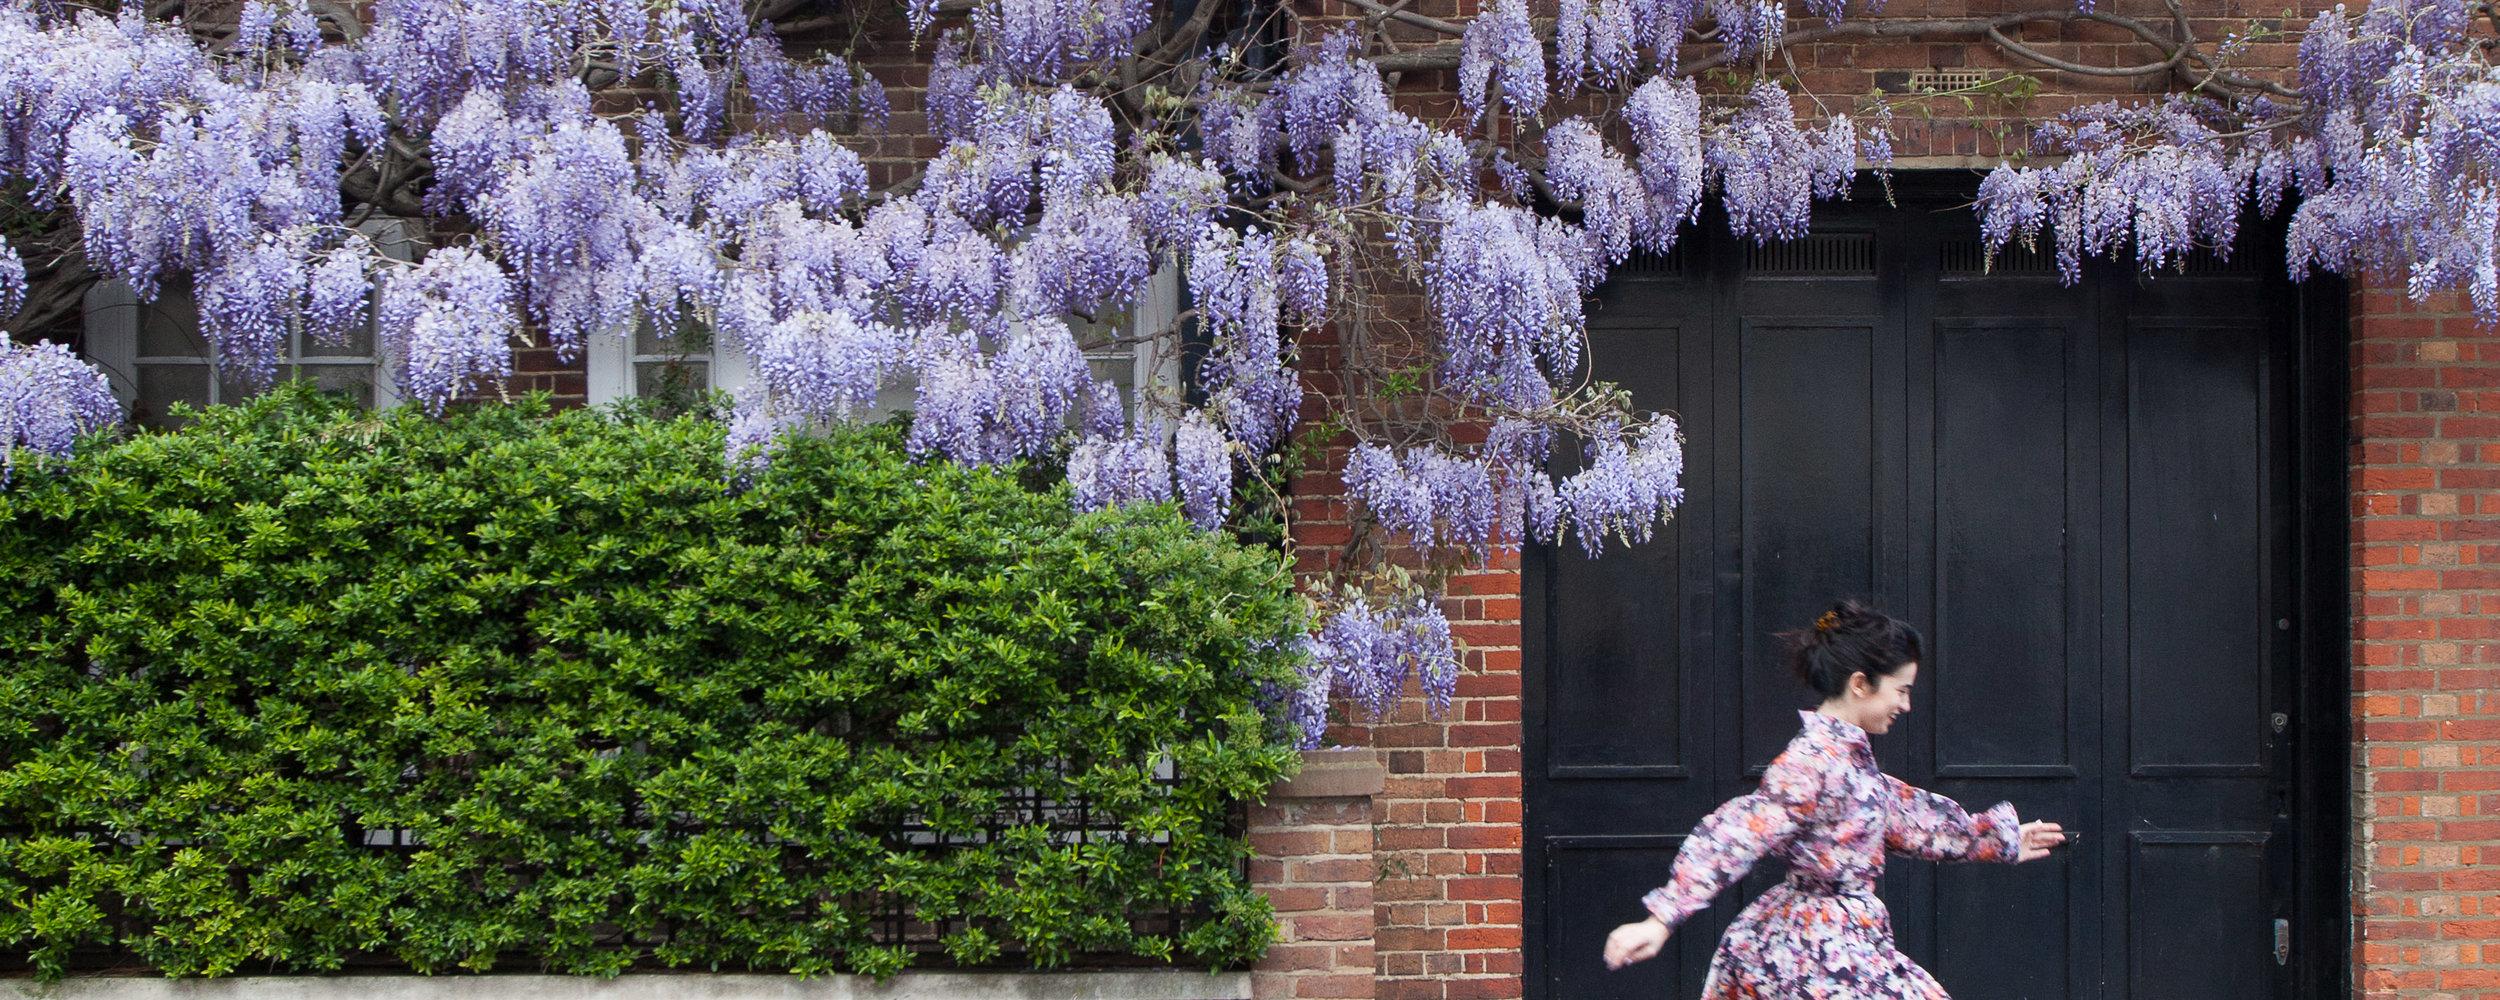 It's hay fever season in London